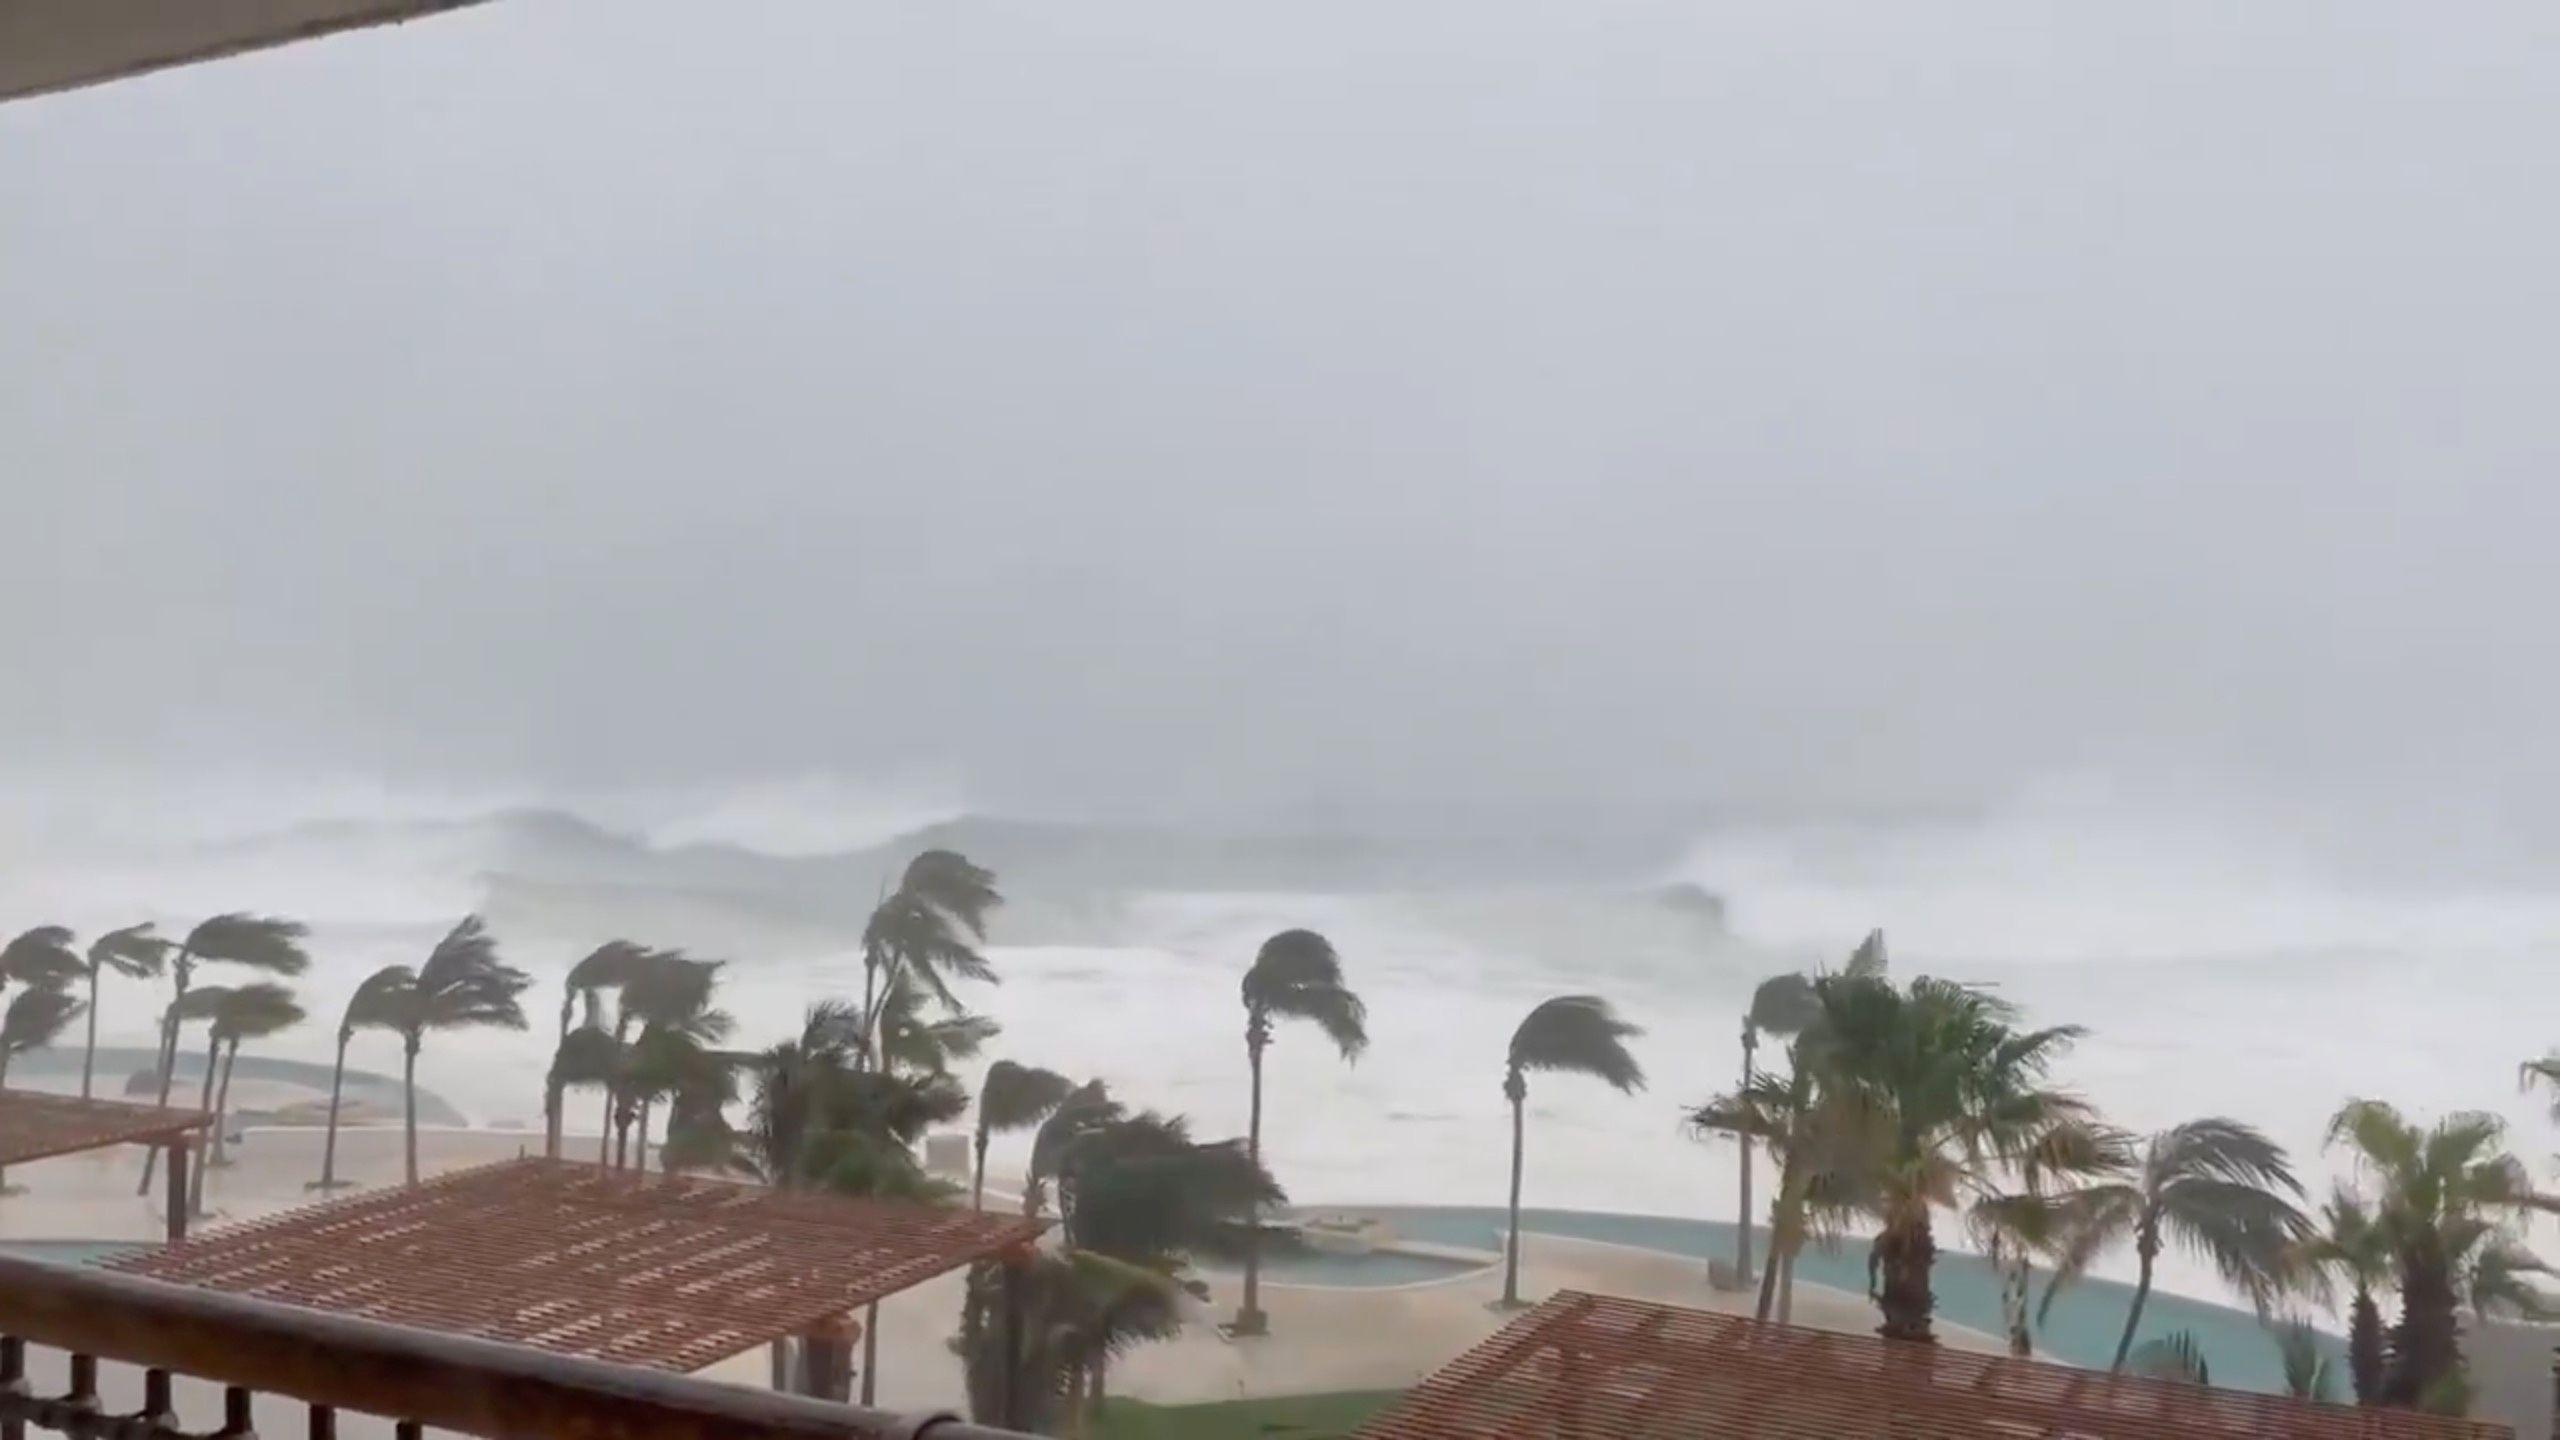 Las palmeras se balancean en medio de fuertes lluvias mientras el huracán Olaf azota Cabo San Lucas, Baja California, México, el 9 de septiembre de 2021, en esta imagen fija tomada de un video de las redes sociales Foto: (Dominique Torres Williams/via REUTERS)